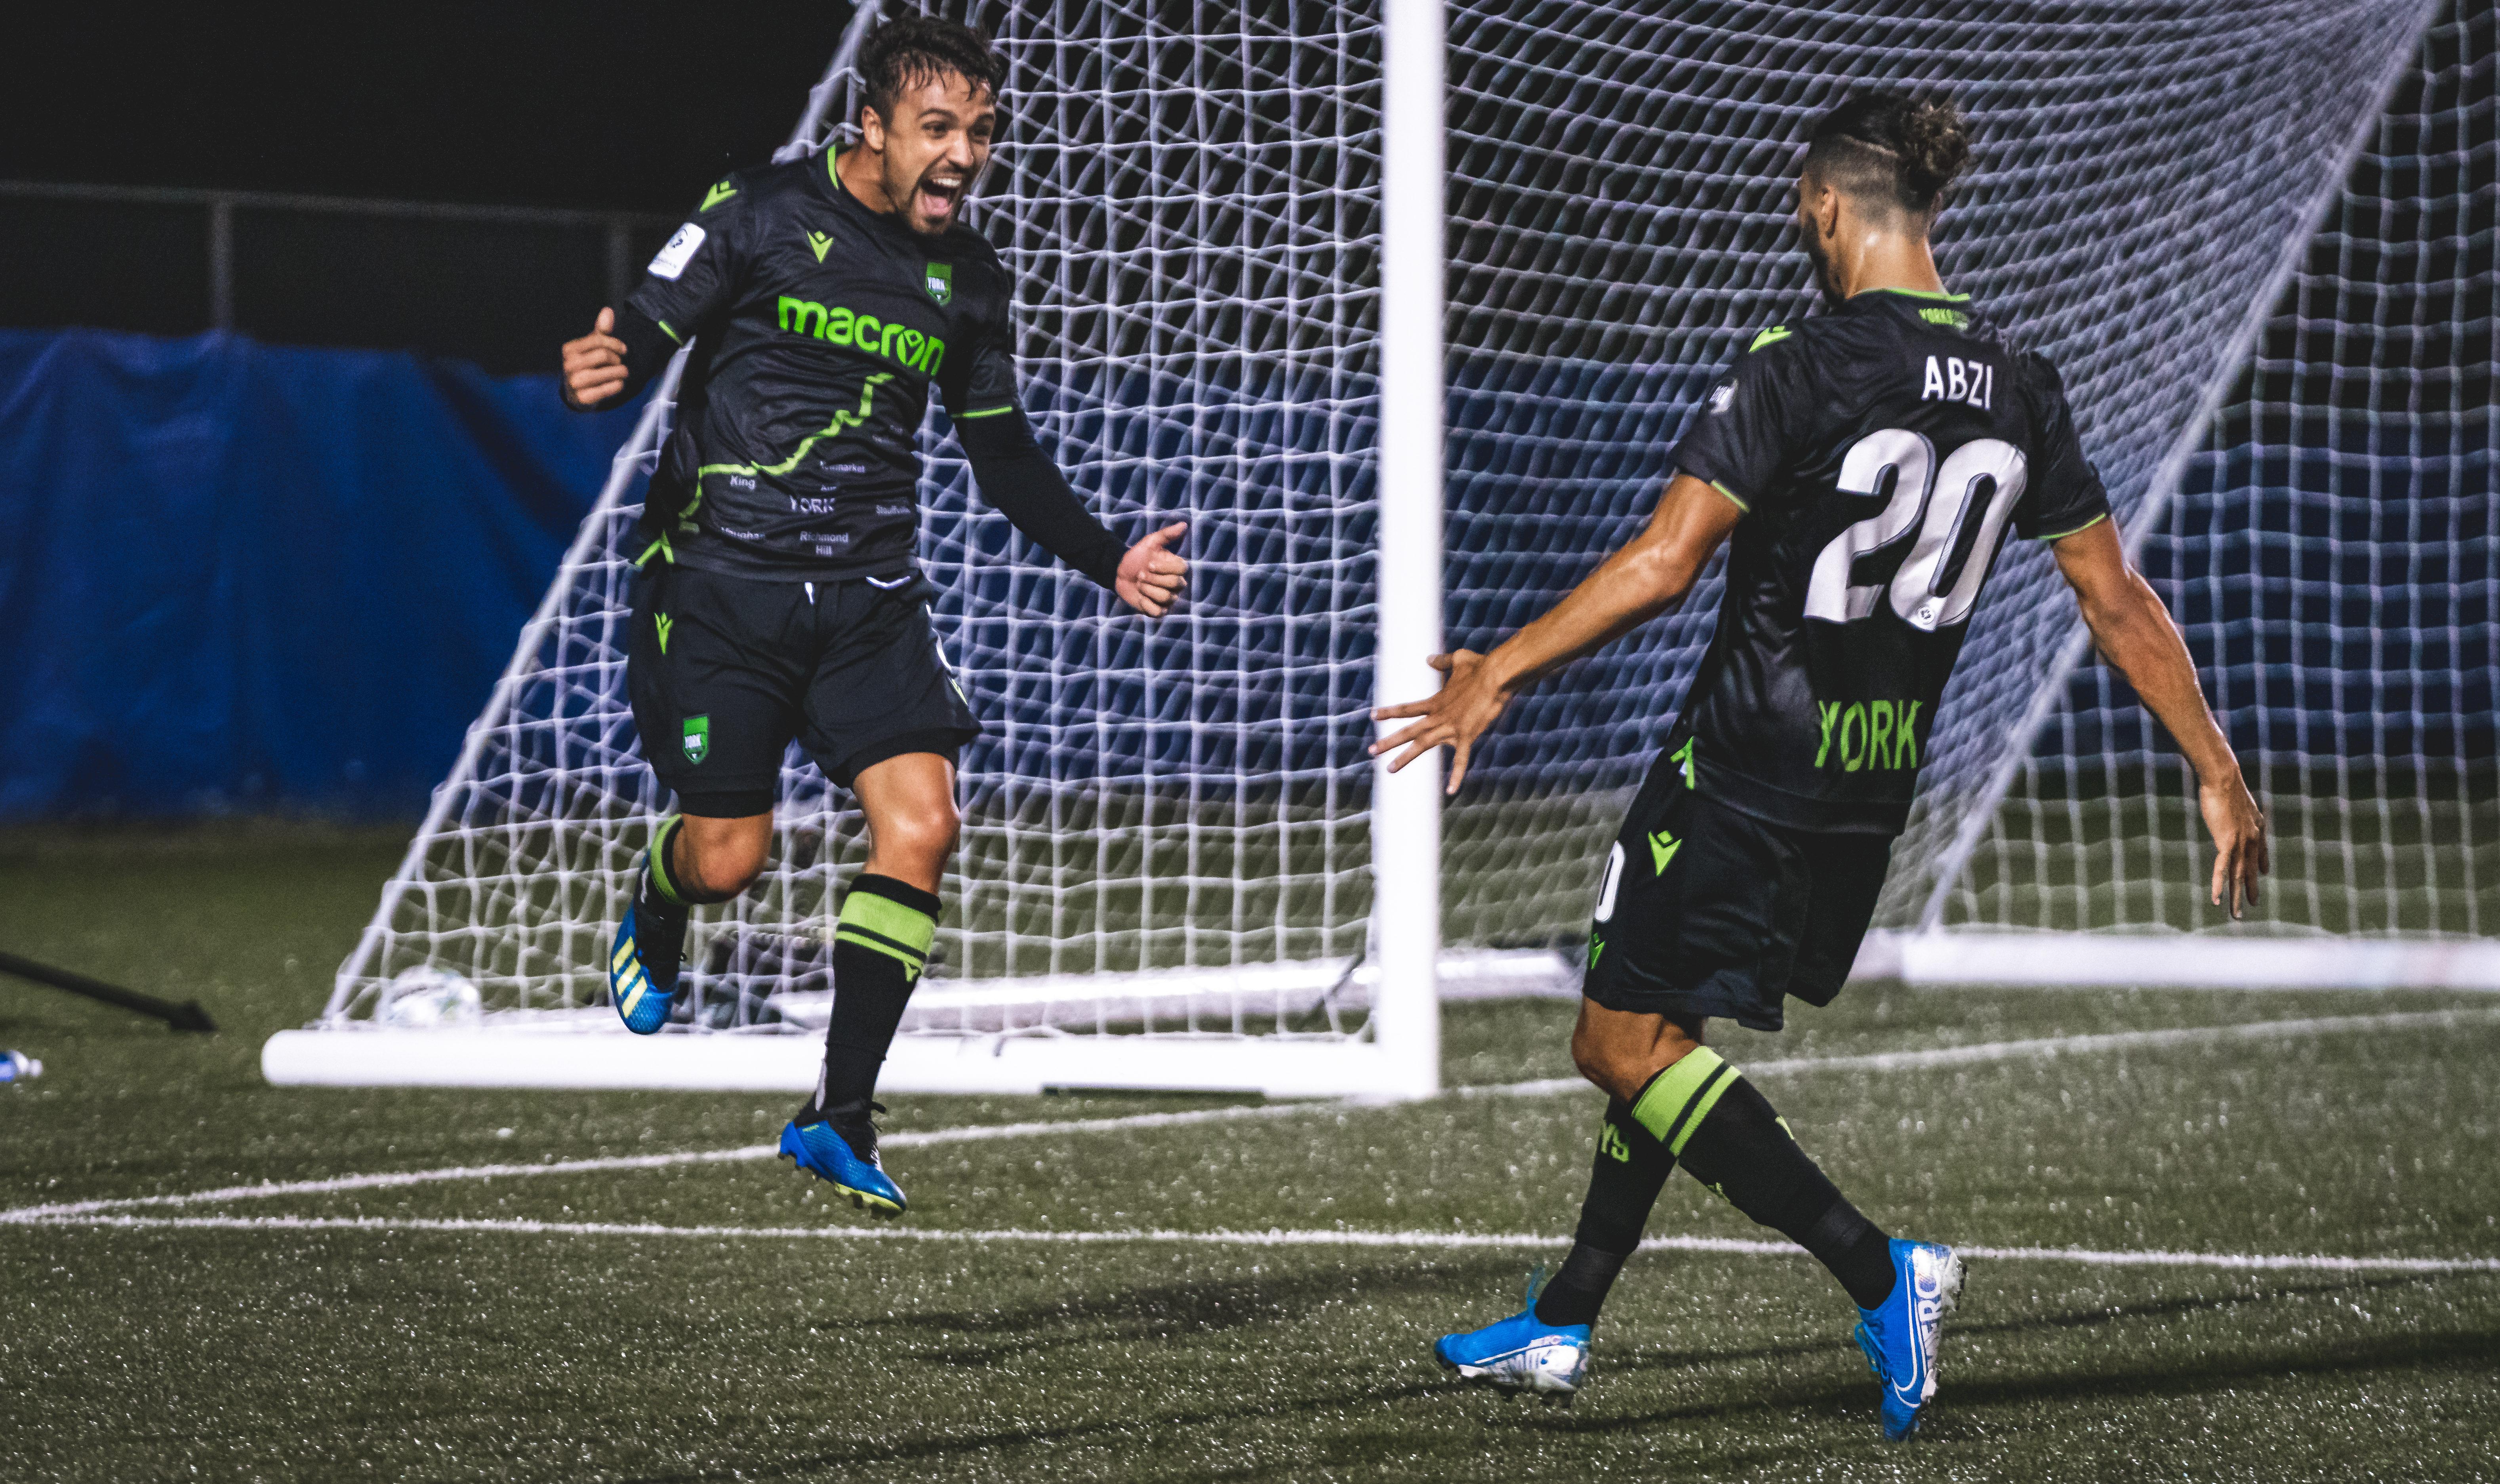 York9 FC's Alvaro Rivero, left. (CPL/Chant Photography)